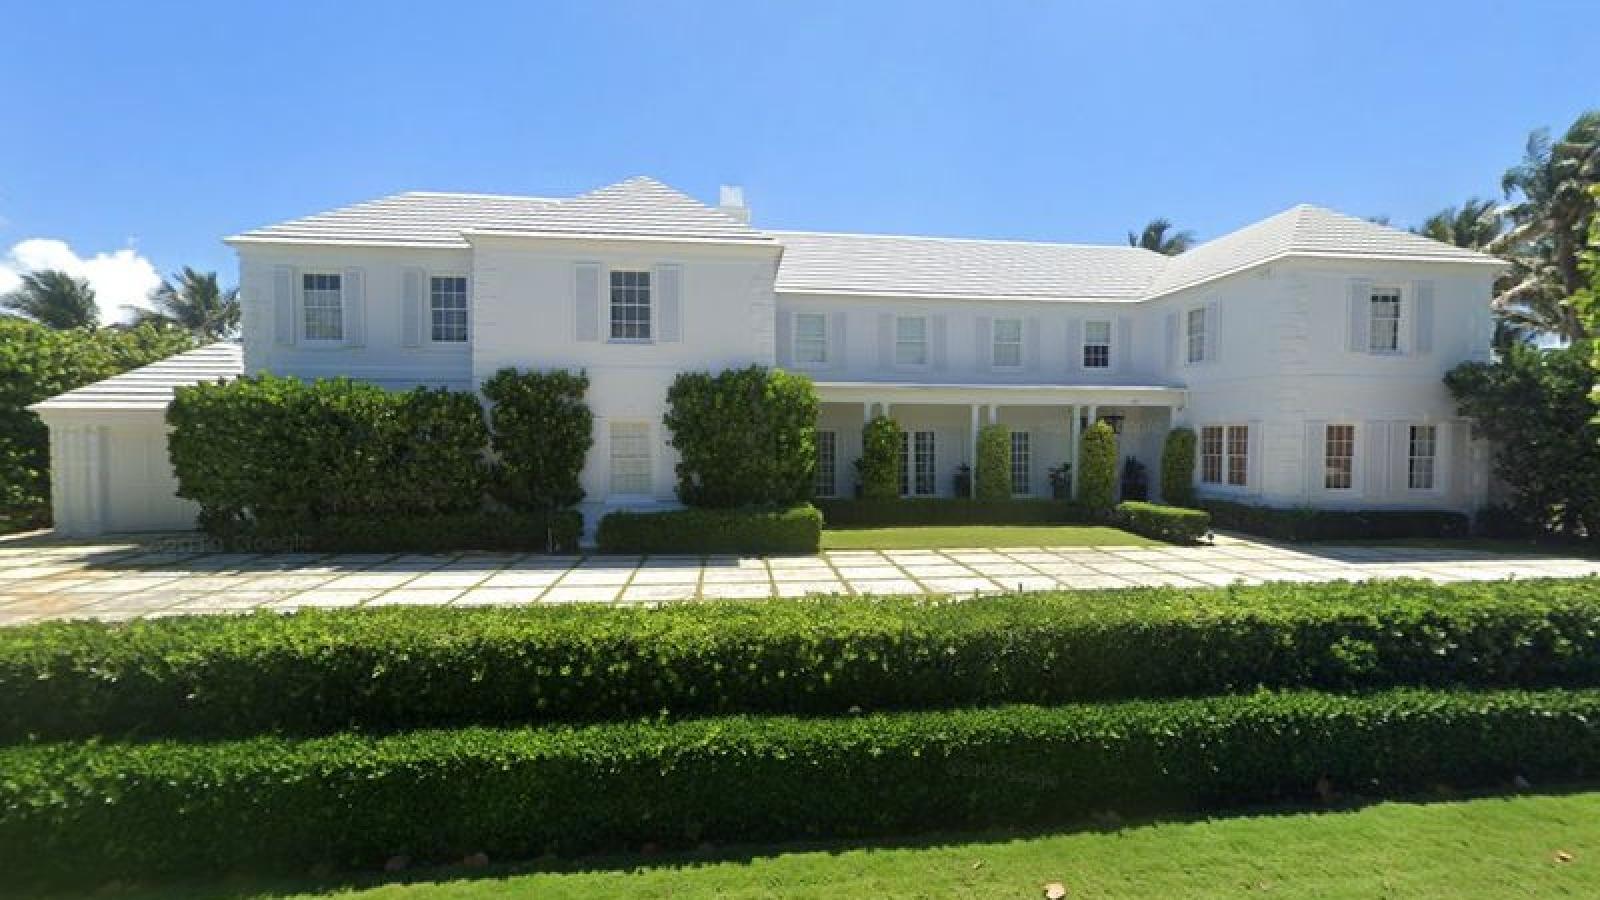 Dinh thự tráng lệ của gia đình ông Trump được rao bán với giá 49 triệu USD